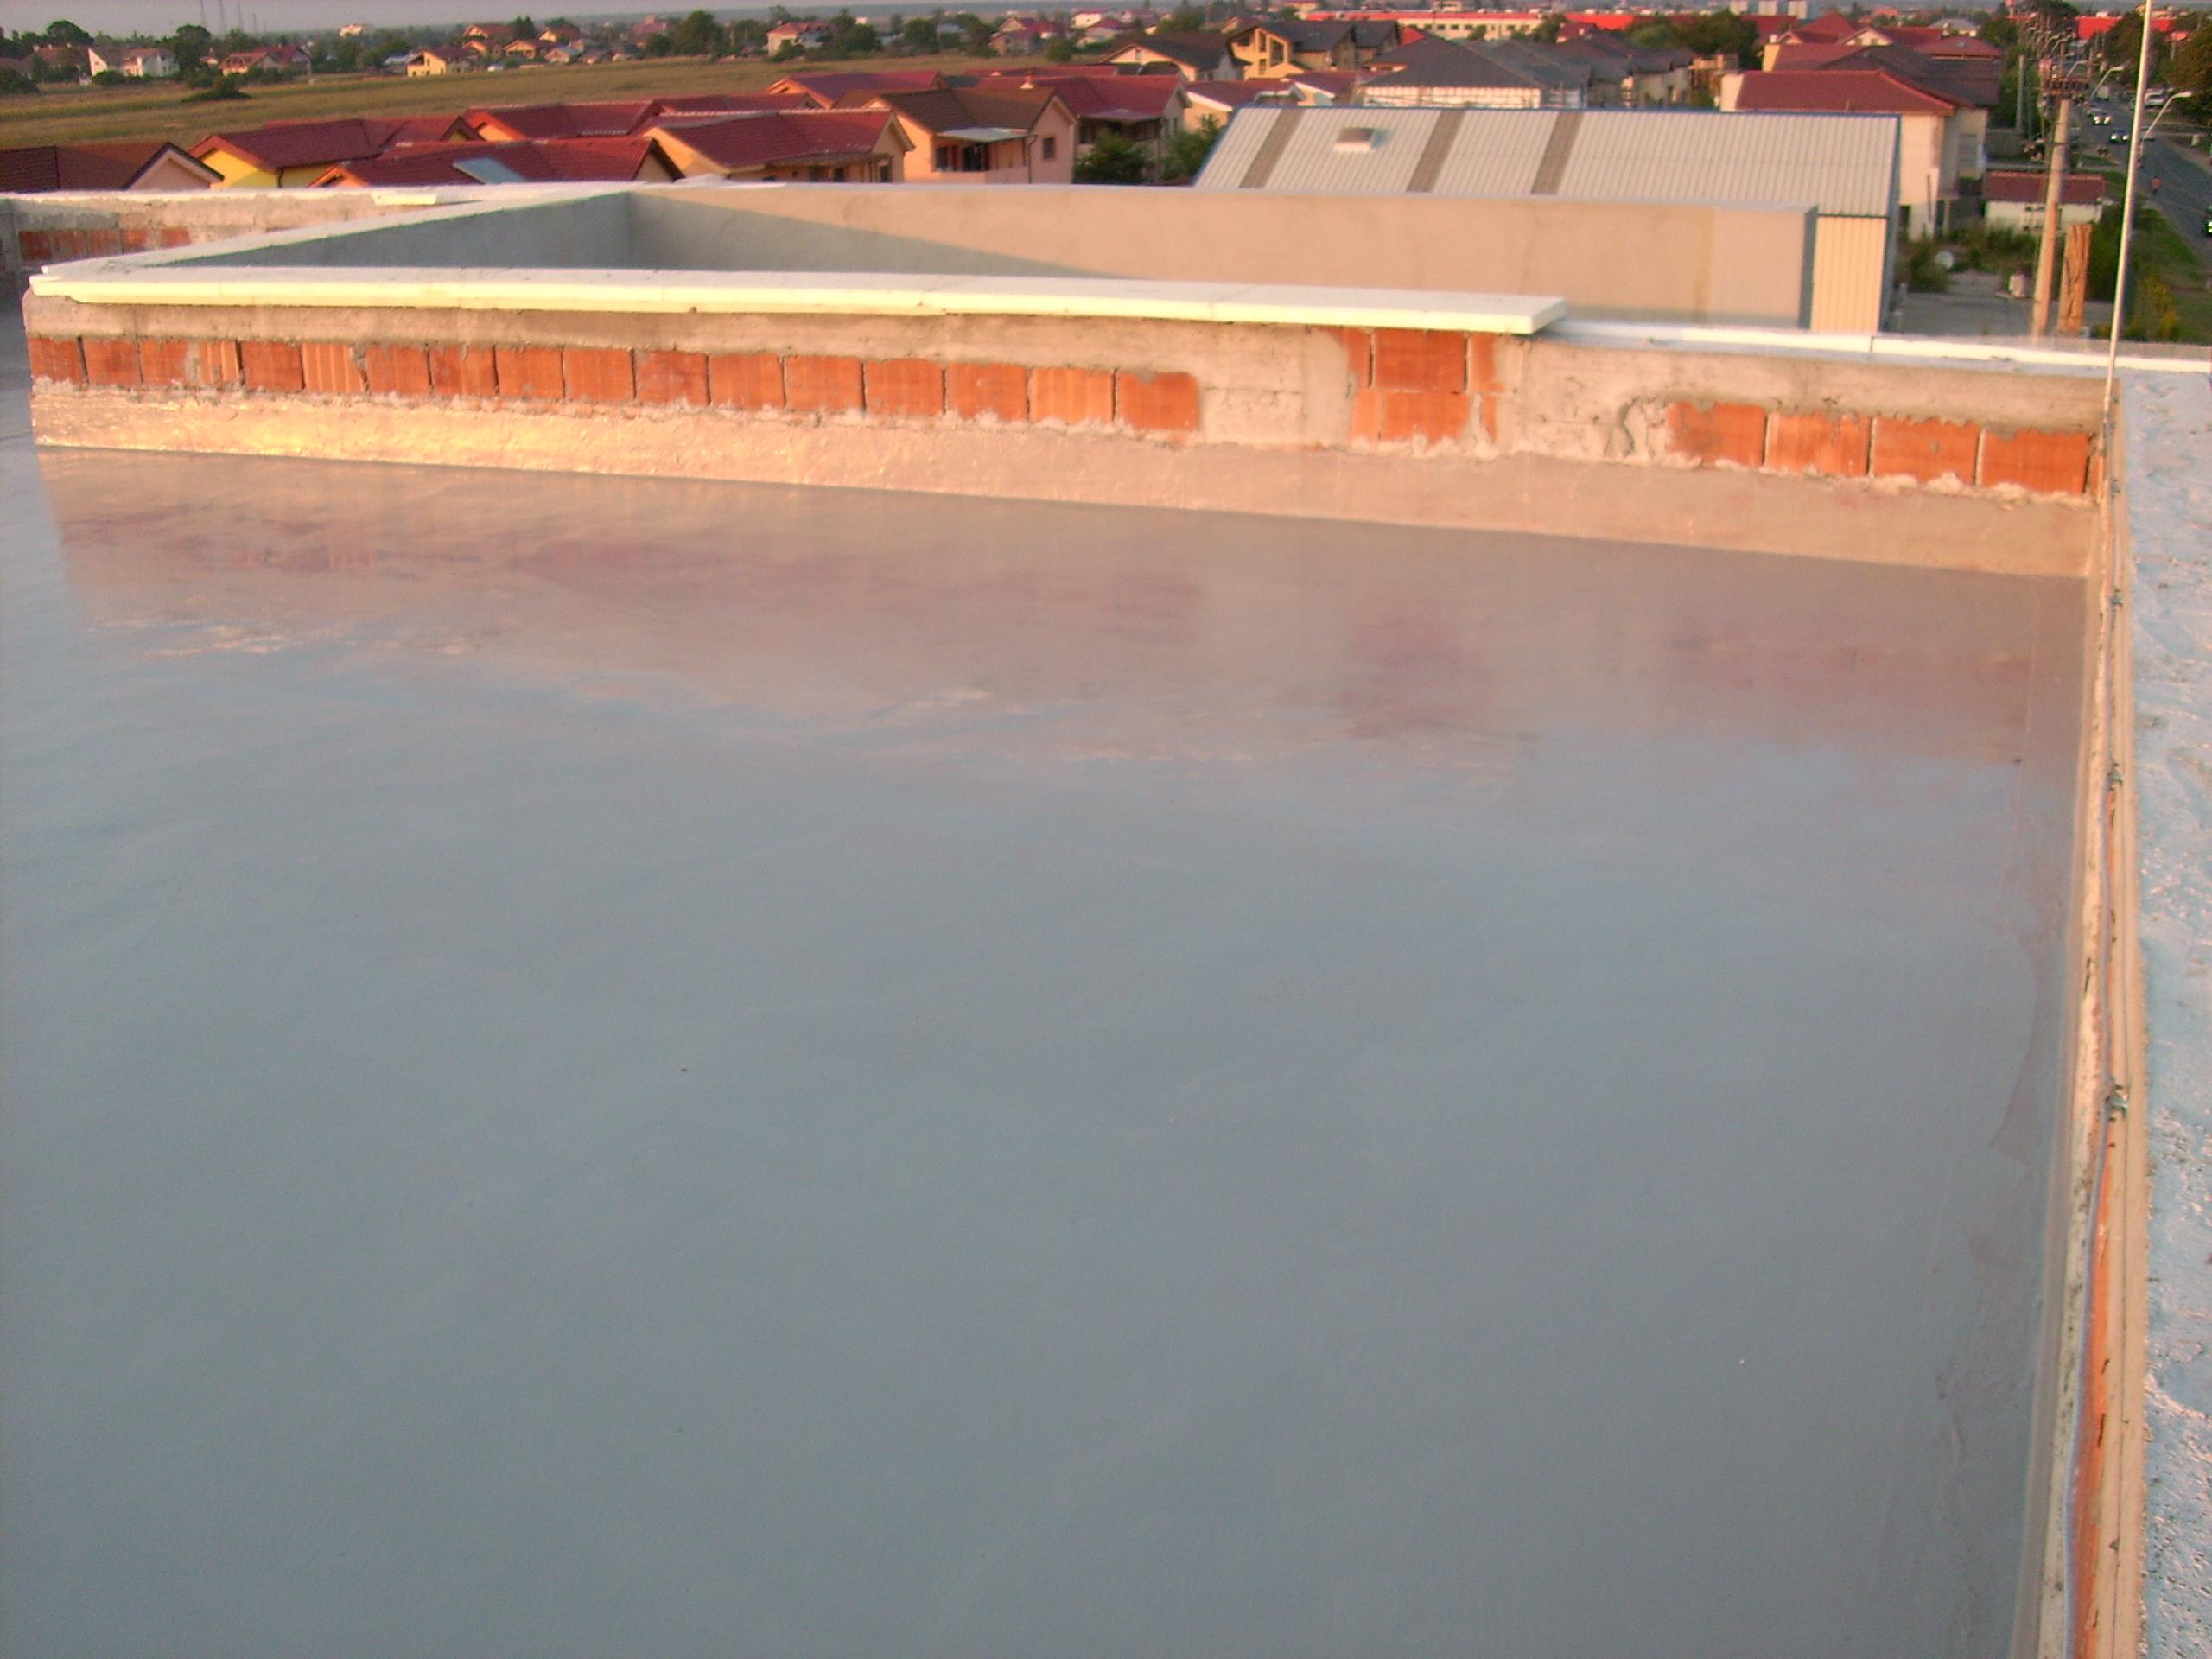 Aplicarea tratamentelor de impermeabilizare - Imobil birouri - DAG MAR - Corbeanca UNICO PROFIT - Poza 40